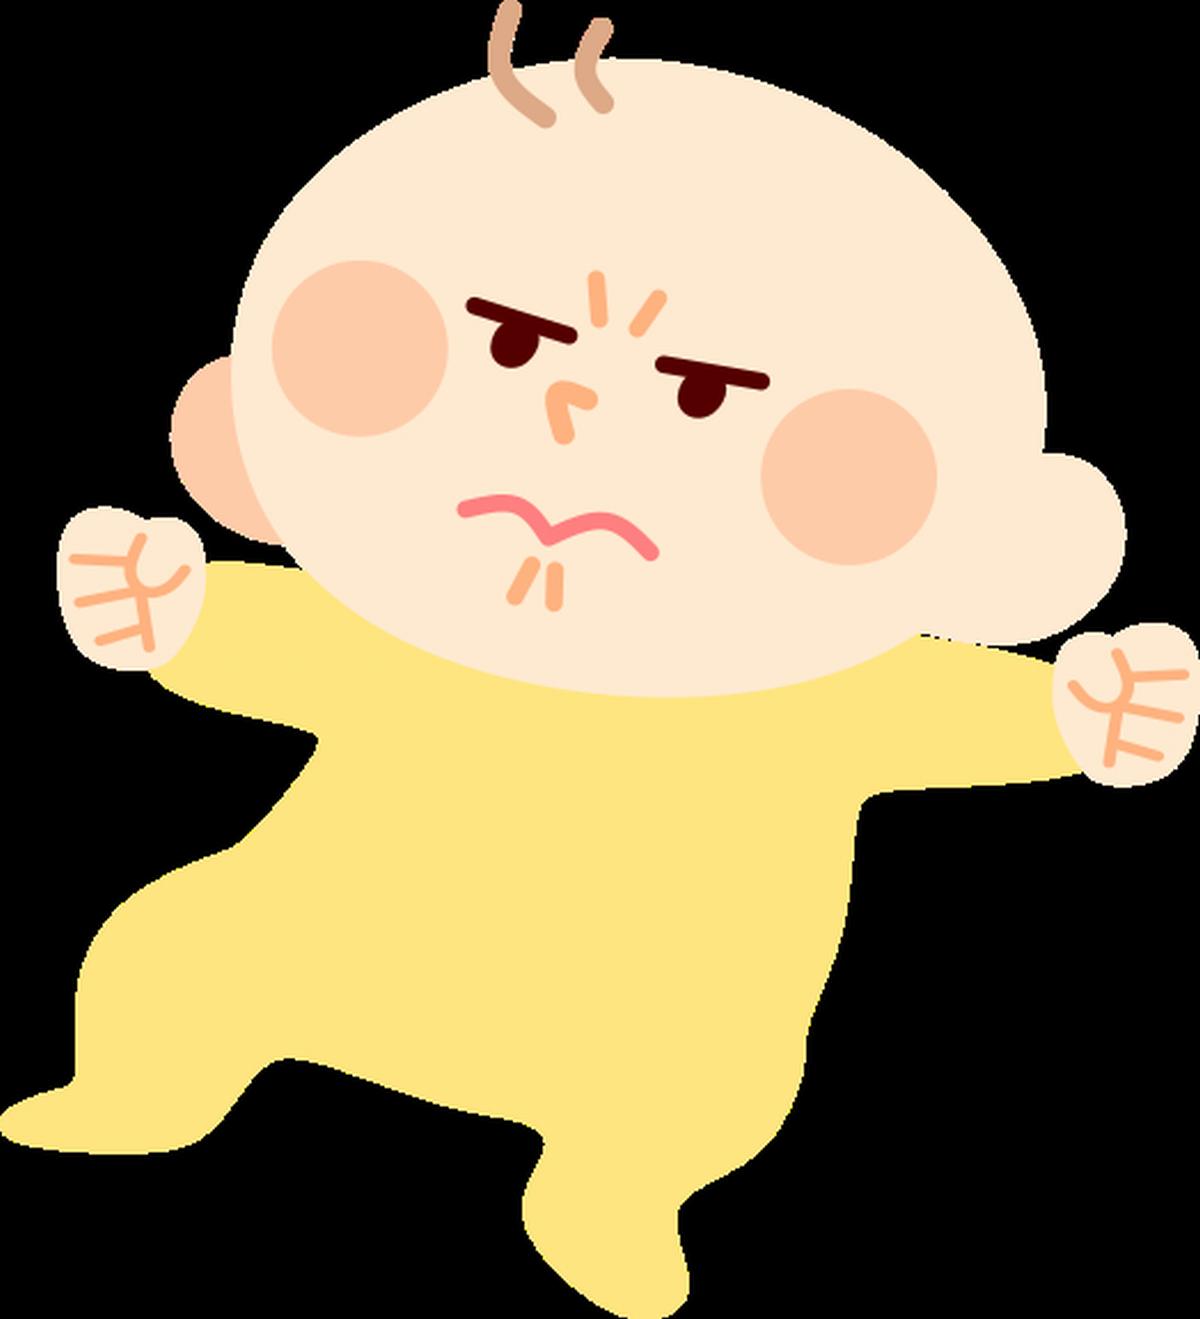 唸る 原因 赤ちゃん 赤ちゃんが唸る(うなる)から心配!8つの原因と5つの対処法